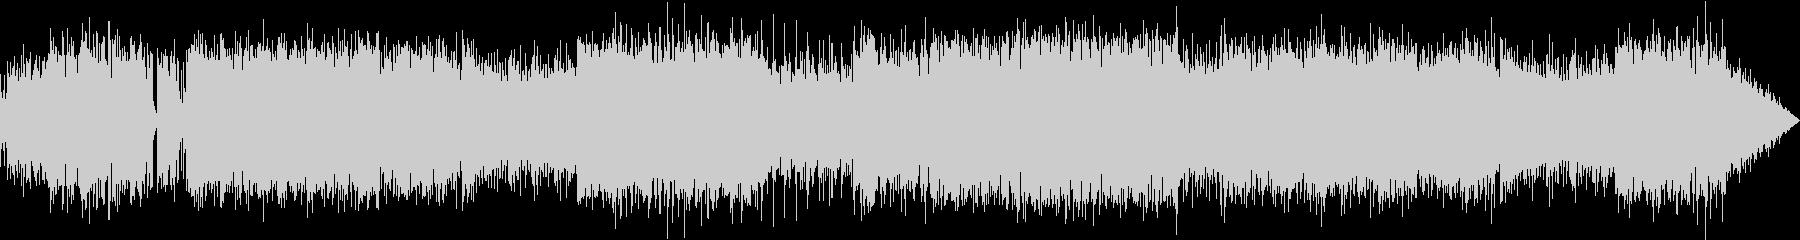 情熱的なプログレッシブ・ハードロックの未再生の波形